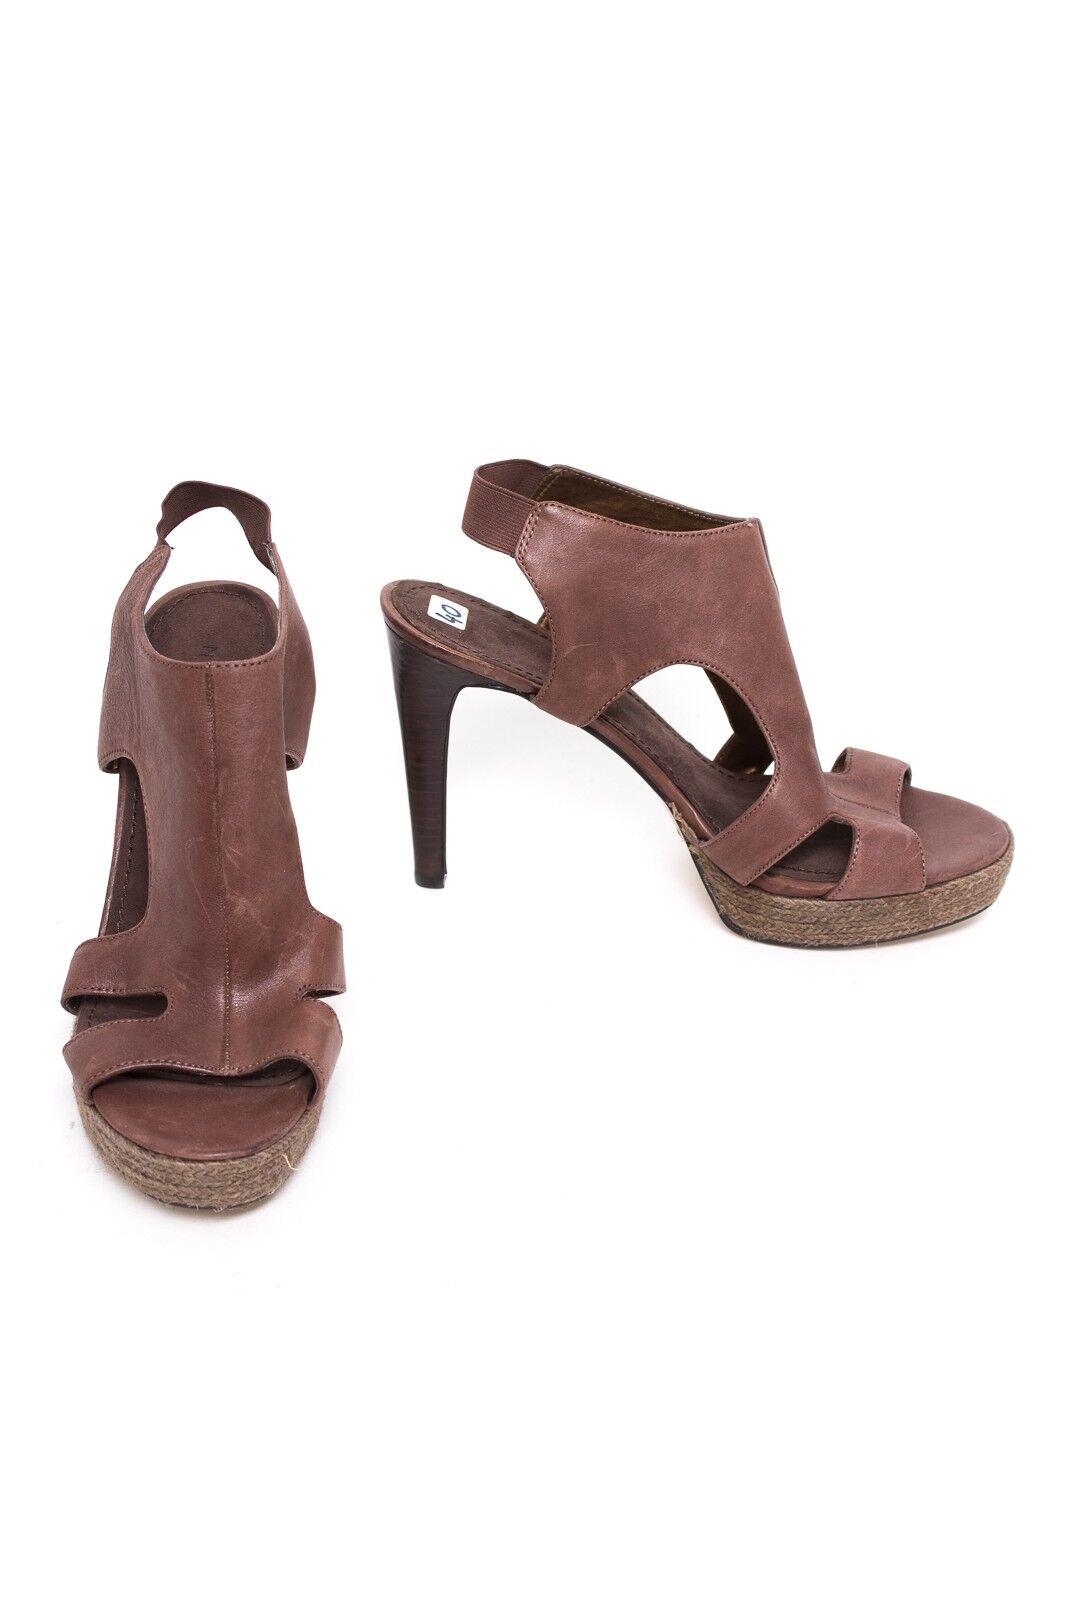 Nine West sandalias Talla EU 40 zapatos señora zapatos zapatos zapatos de salón tacón alto óptica  Centro comercial profesional integrado en línea.